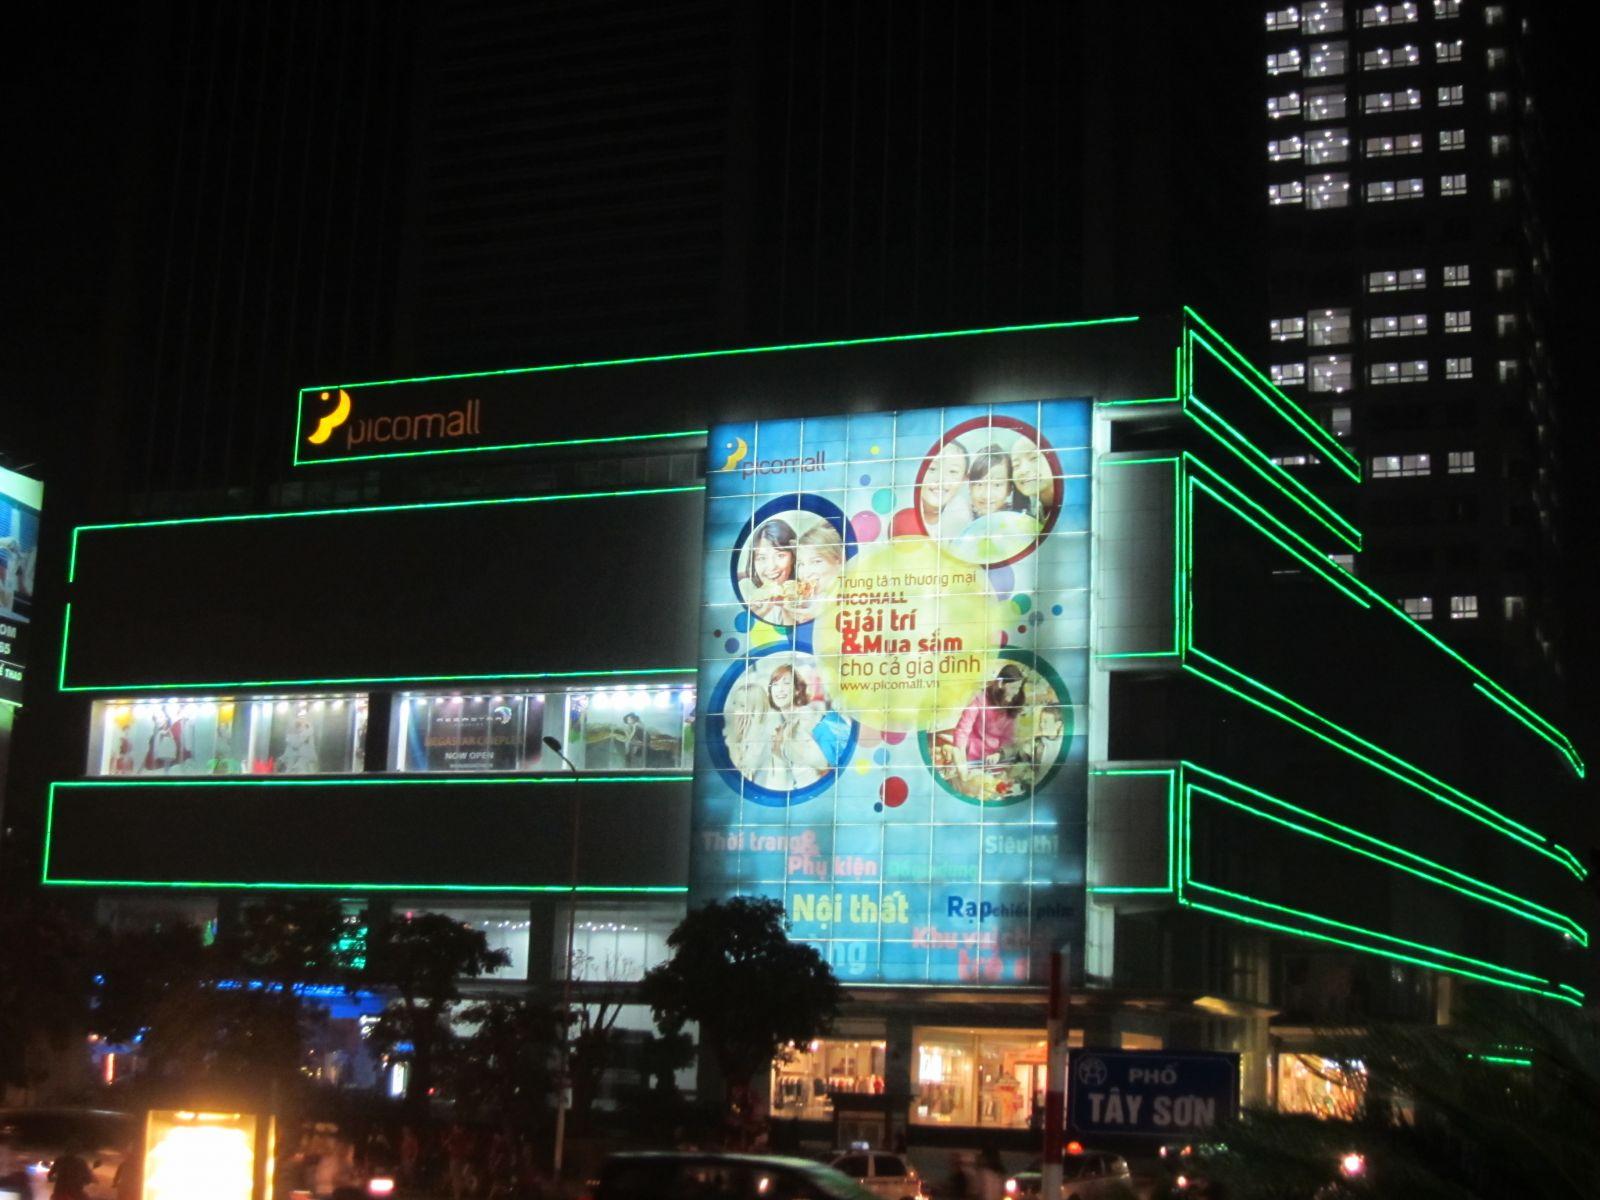 <p class='title-pro'>Pico Mall - 229 Tây Sơn</p><div class='box_info_pro'><div class='title_inf_pro'><span>Chủ đầu tư</span>: Công ty cổ phần PICO</div><div class='title_inf_pro'><span>Vai trò đảm nhận</span>: Nhà thầu Điện</div><div class='title_inf_pro'><span>Địa điểm</span>: 229 Tây Sơn, Đống Đa, Hà Nội</div><div class='title_inf_pro'><span>Thời gian hoàn thành</span>: Tháng 5-2011</div><p class='box-work'><span>Hạng mục công việc</span>: Cung cấp và thi công lắp đặt hệ thống Điện Siêu thị và Chiếu sáng mặt tiền tòa nhà.</p></div>